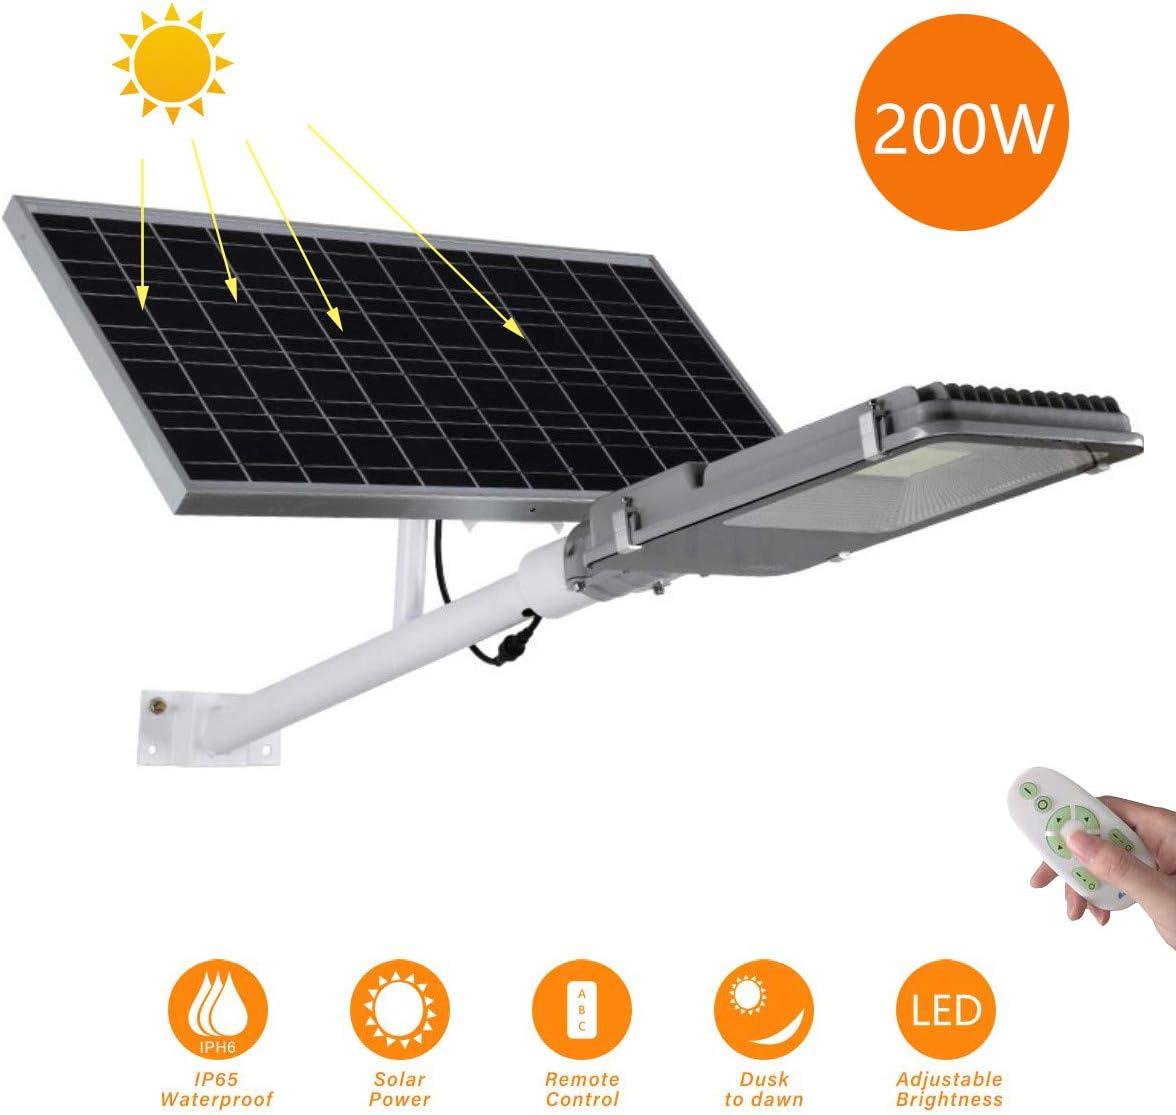 Luces de inundación solar Farola solar LED Brillo alto Luz de seguridad Con control remoto IP65 a prueba de agua Luz de jardín Lámpara de ingeniería Adecuado para Patio, Iluminación Solar Vial,200w: